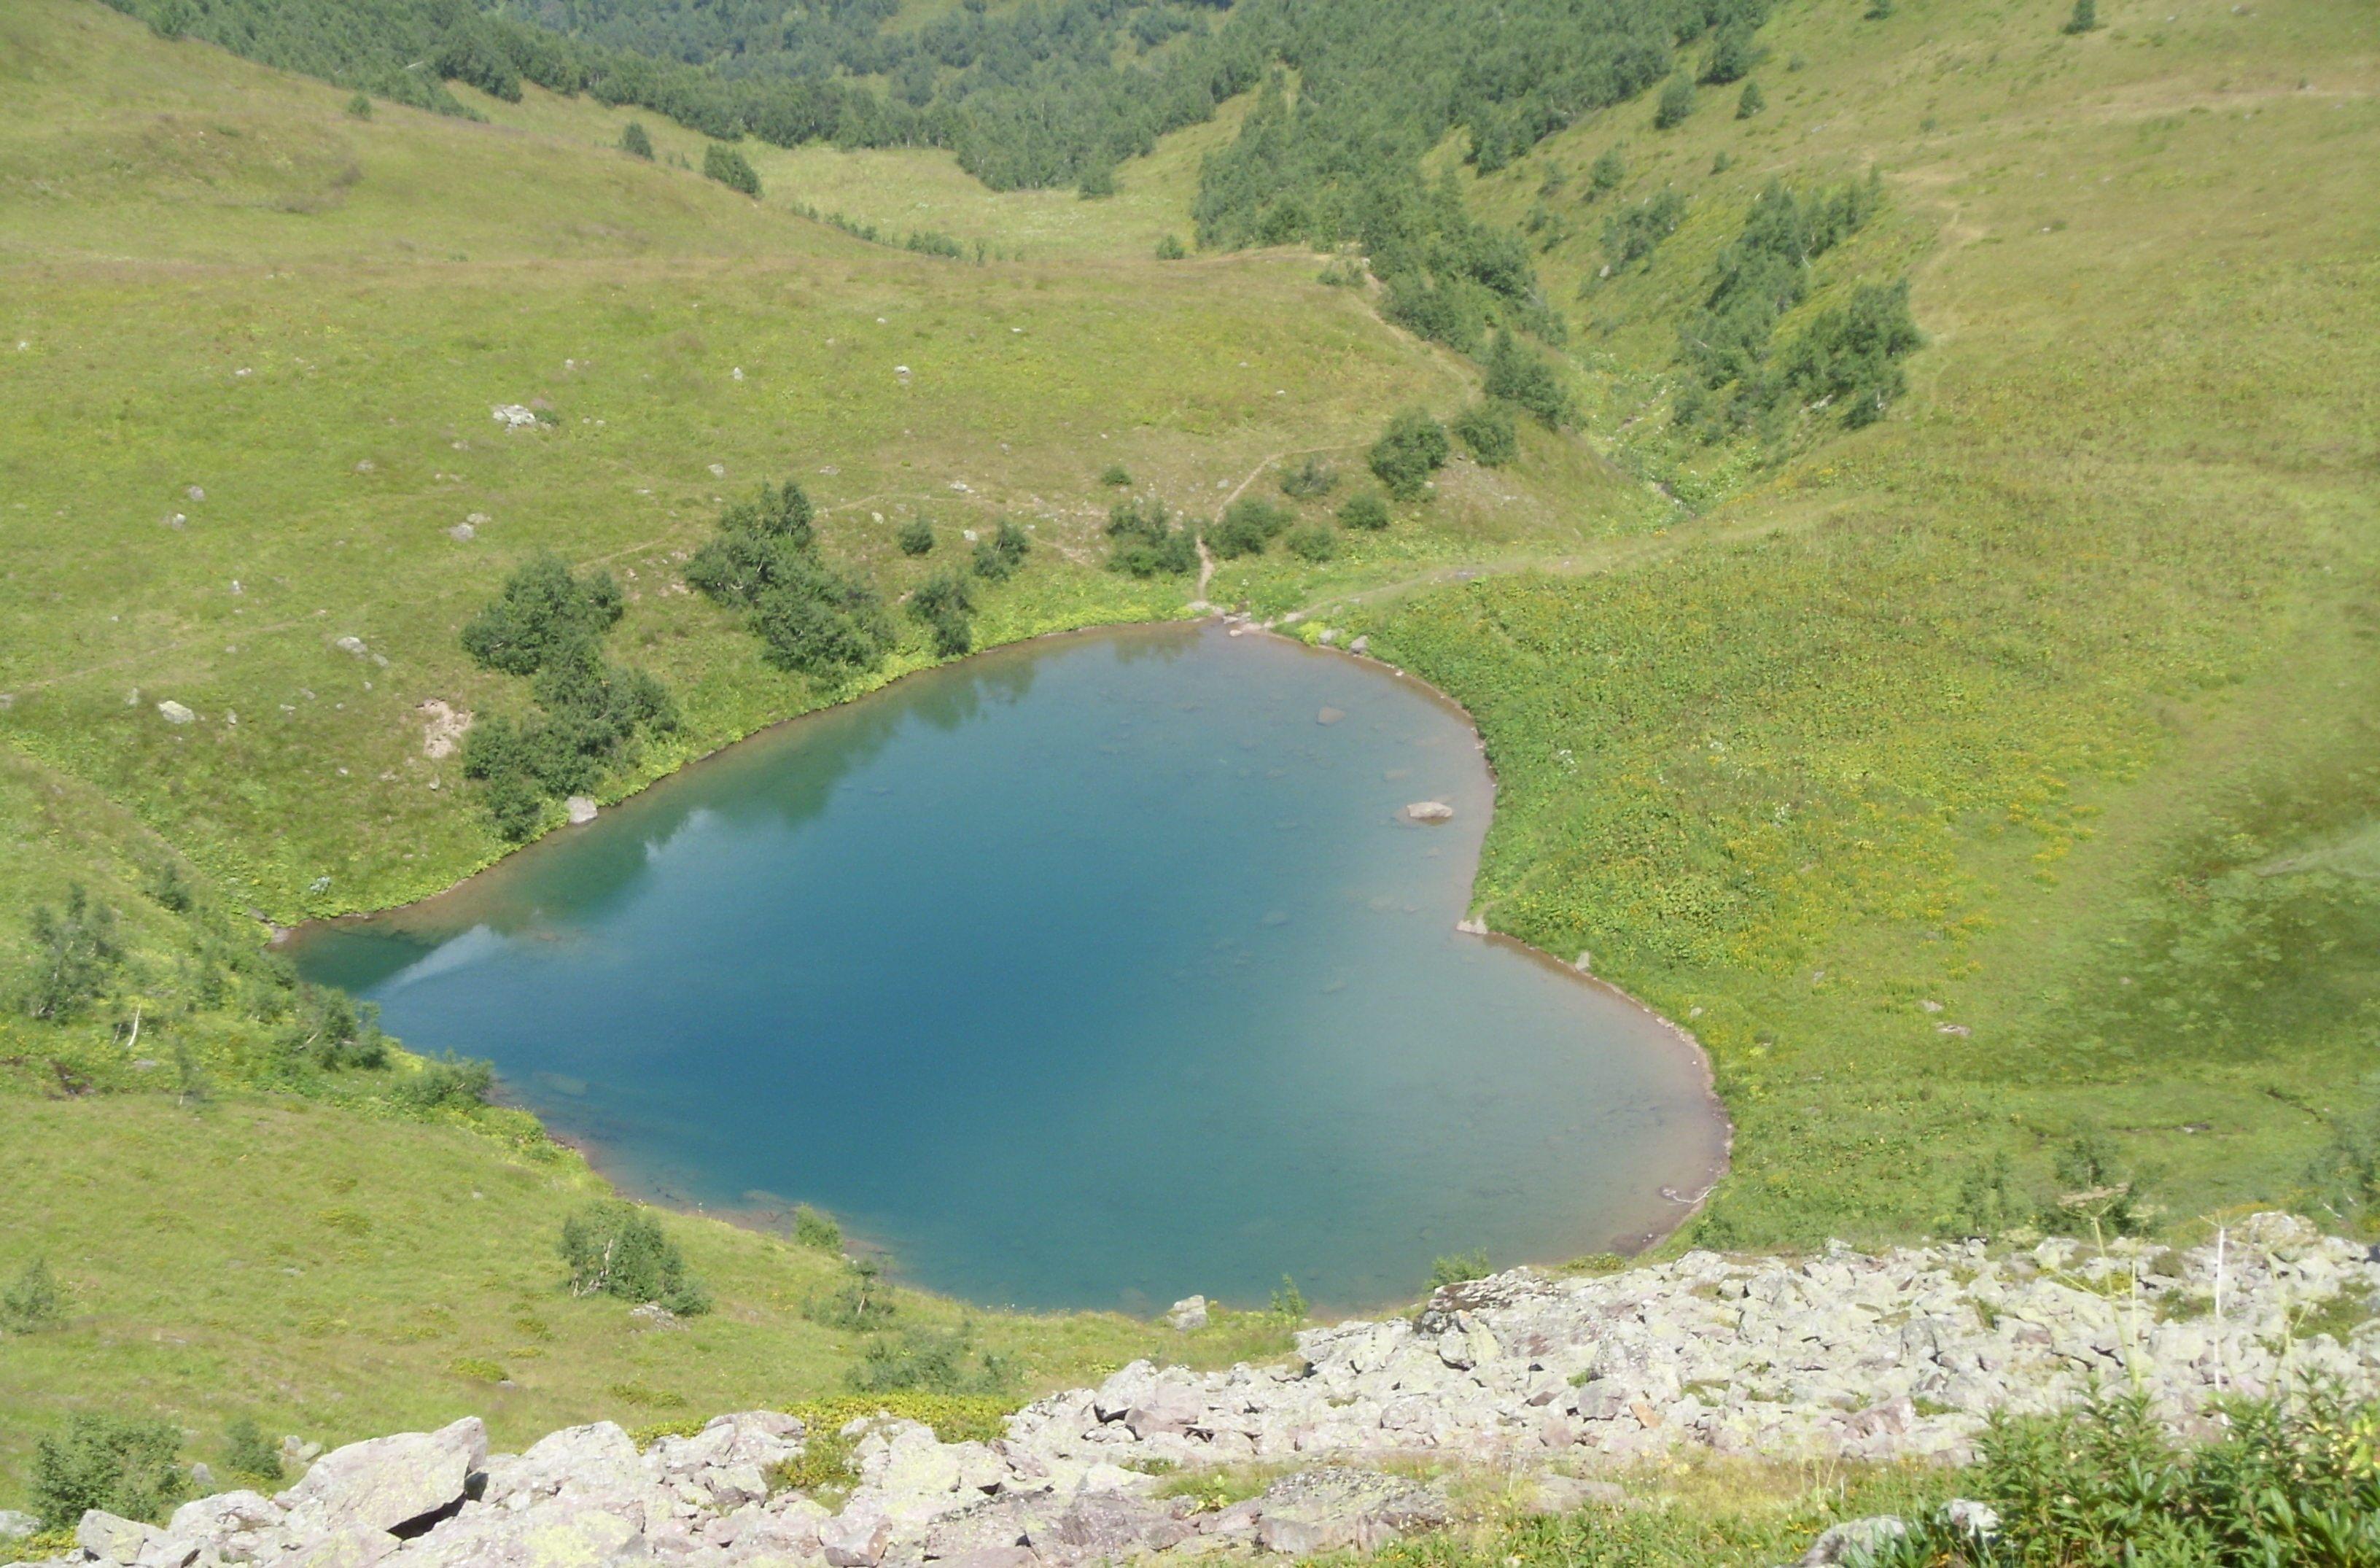 озеро дмитриевское вологодская область схема проезда